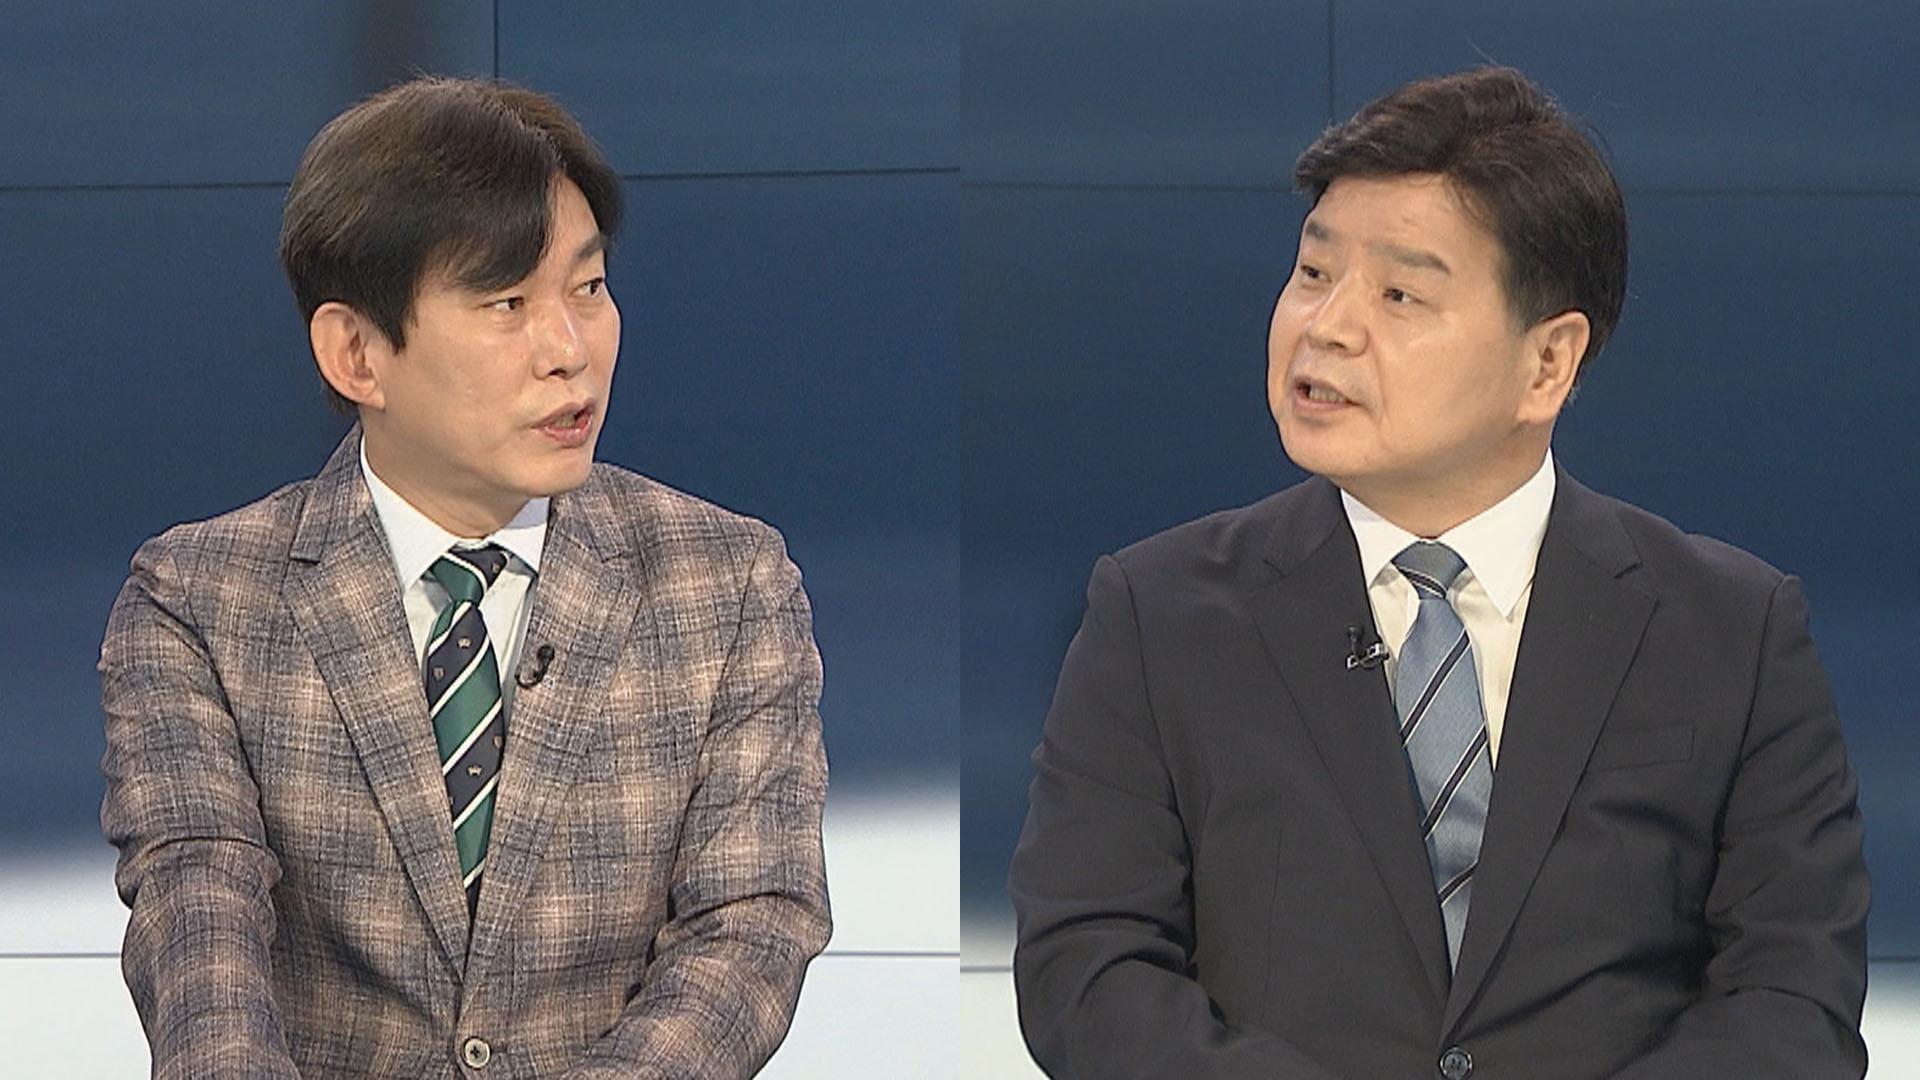 [뉴스포커스] 정치권, 윤석열 '엑스파일' 최초 작성자 두고 공방